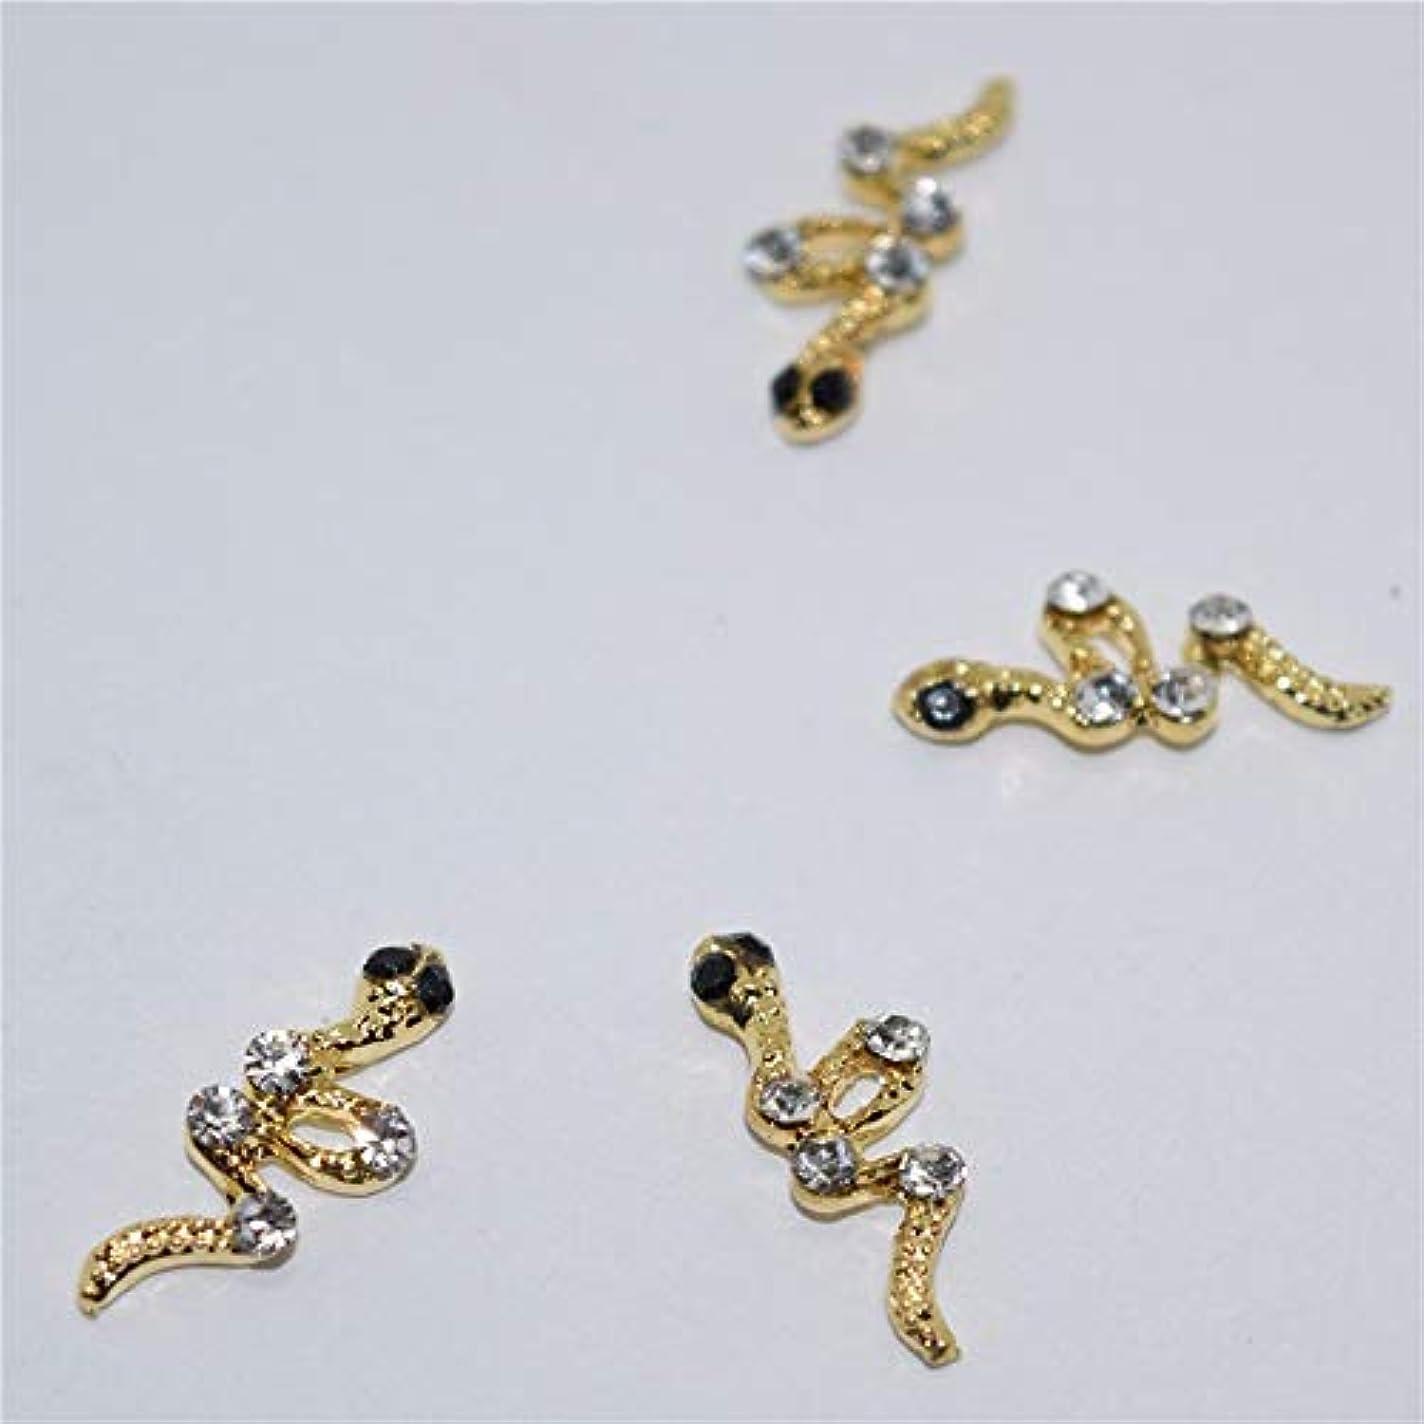 くつろぎ手順残り10個入りゴールデンスネーク動物の3Dネイルアートの装飾合金ネイルチャームネイルズラインストーンネイル用品